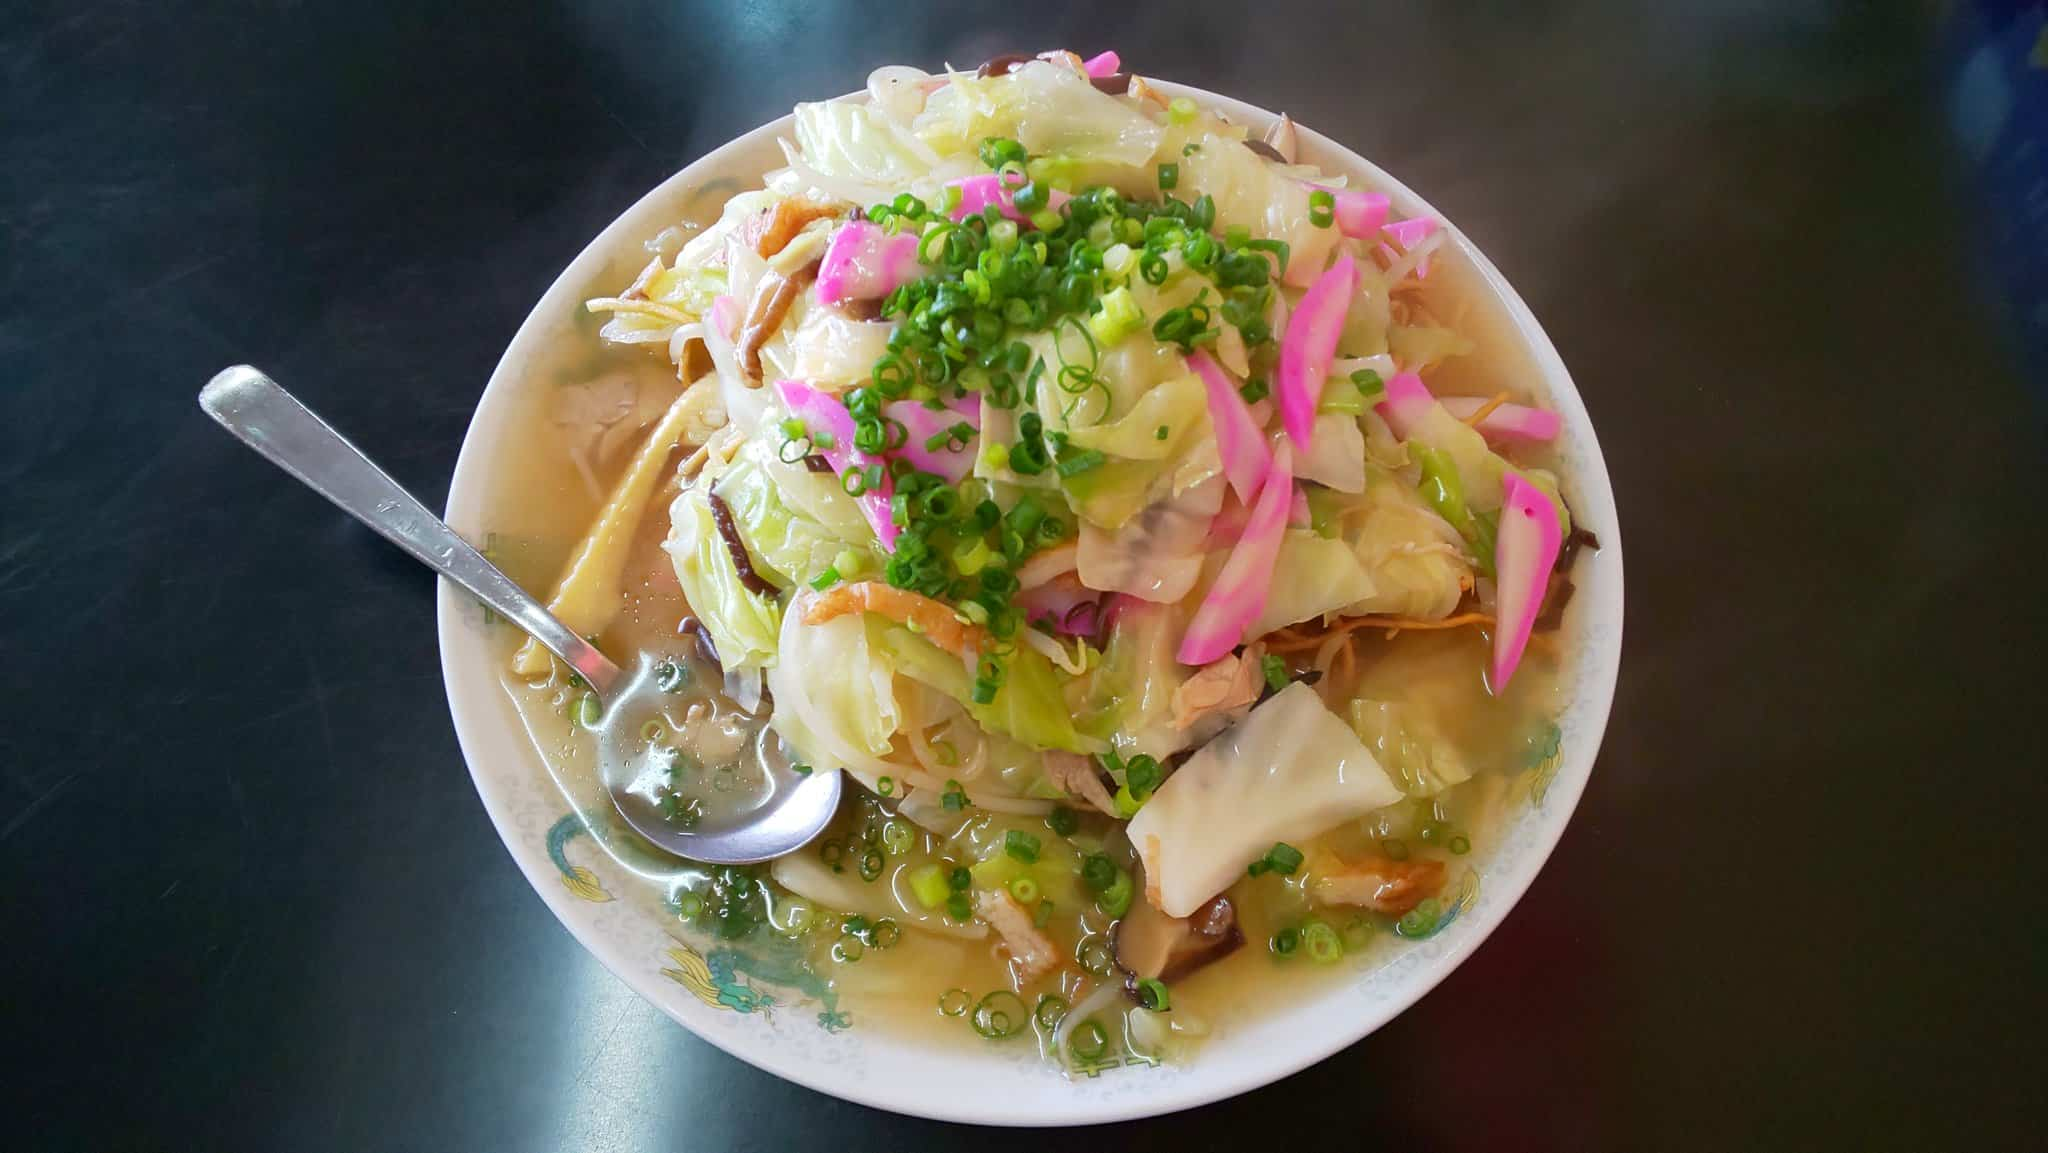 อาหาร จ.ยามากุจิ - บาริโซบะ (Bari Soba)